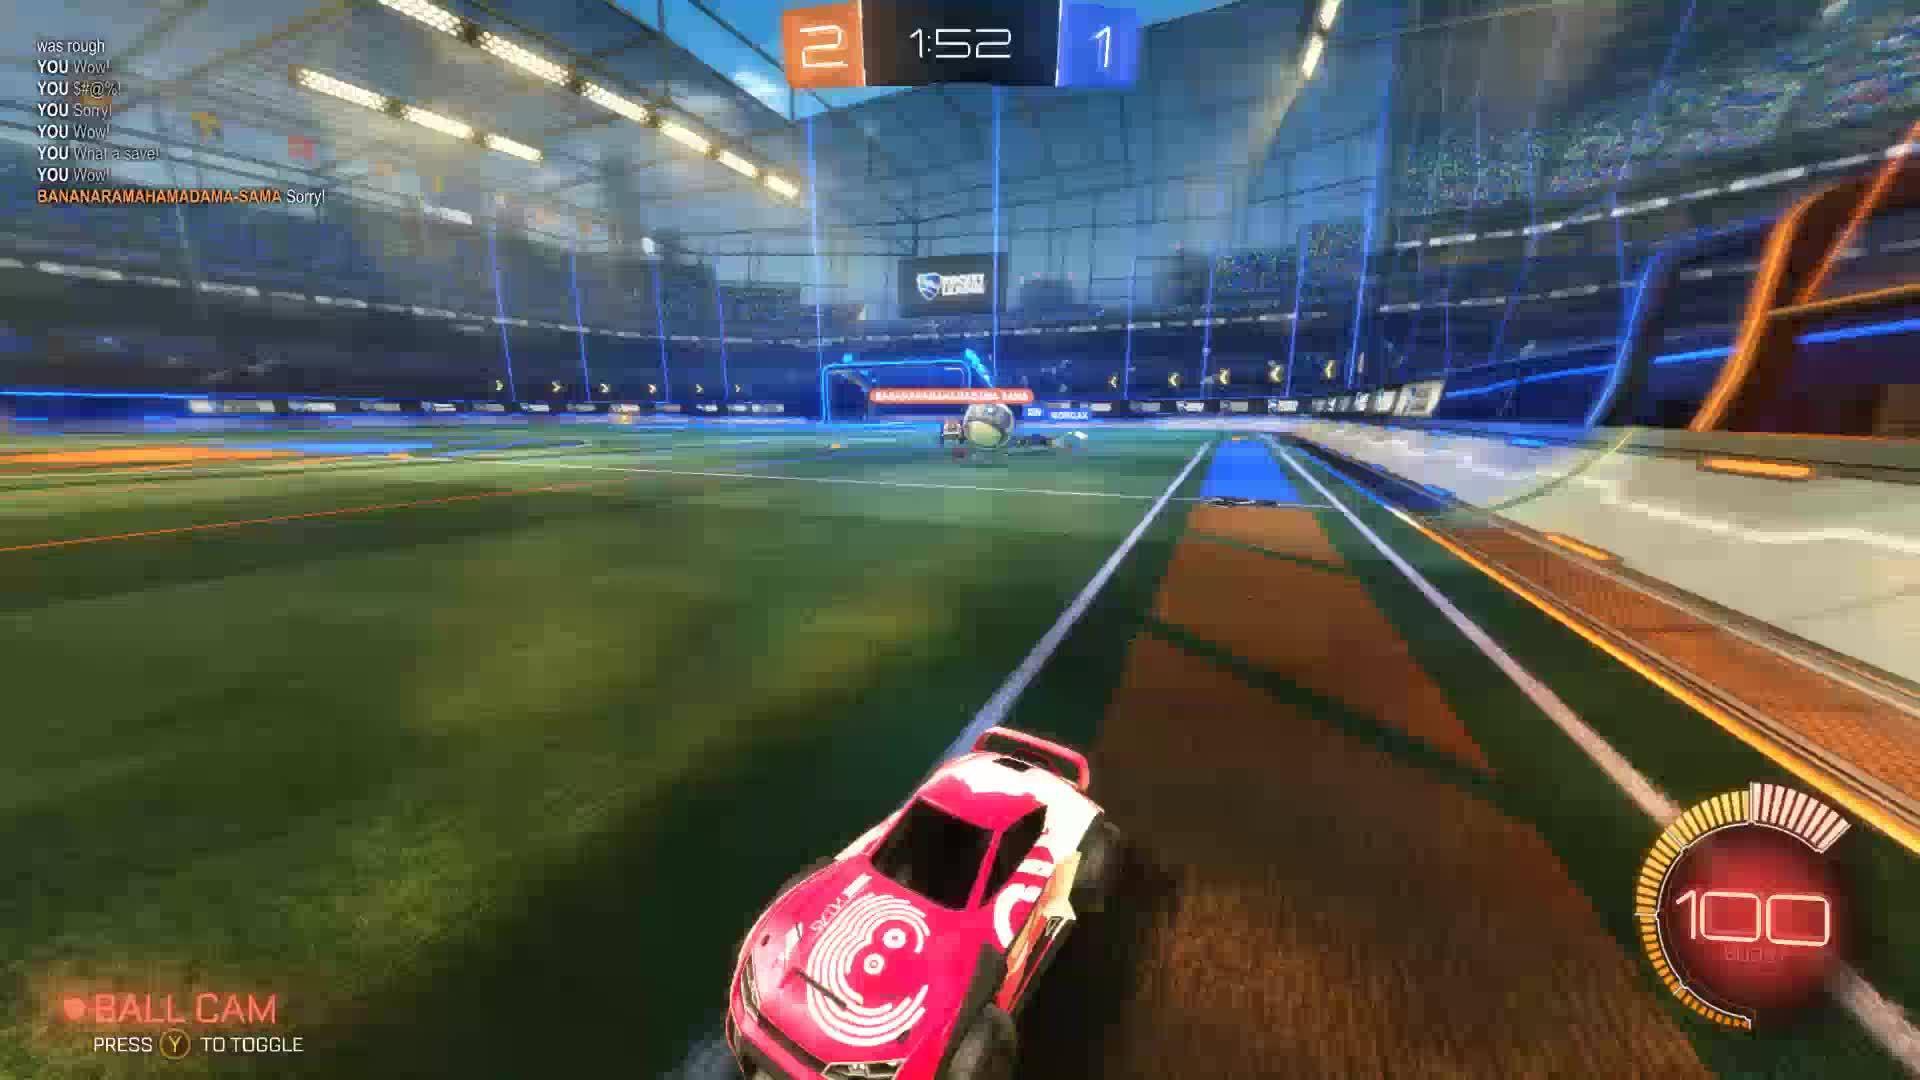 60fpsgifs, Rocket League goal GIFs